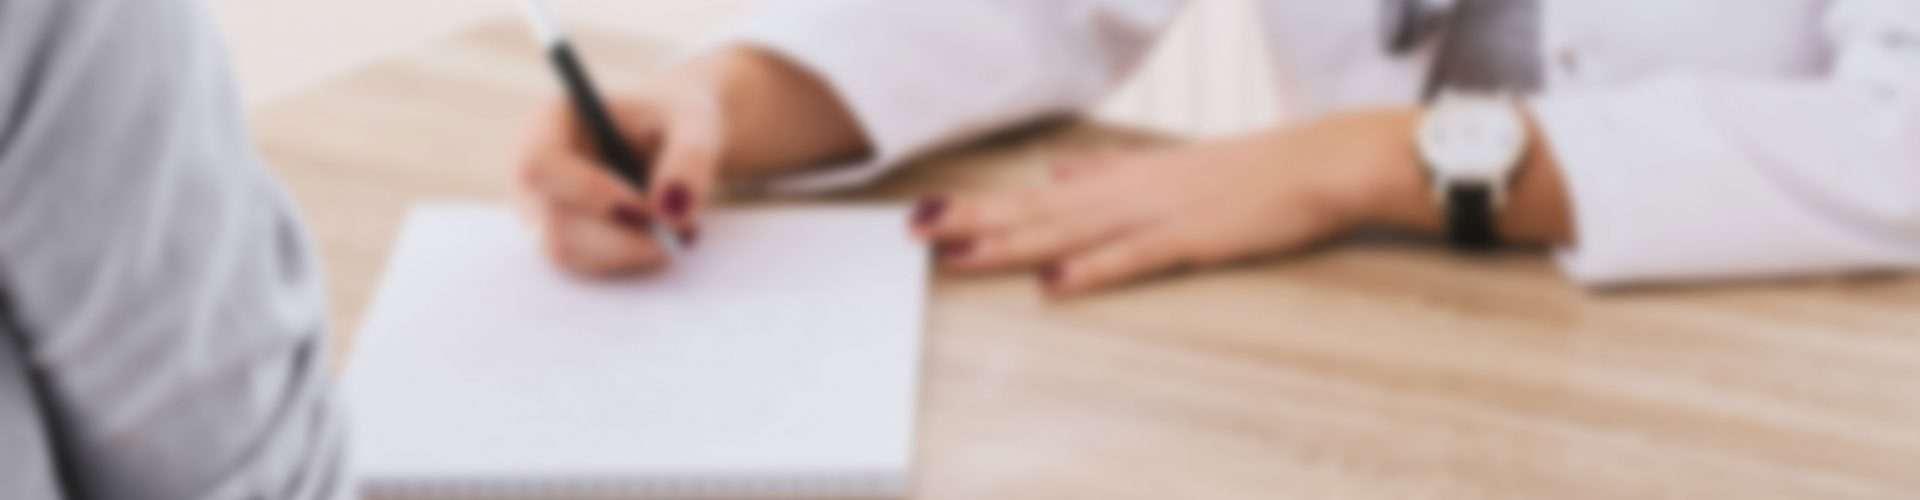 Consulta las clínicas IVI con primera visita gratuita